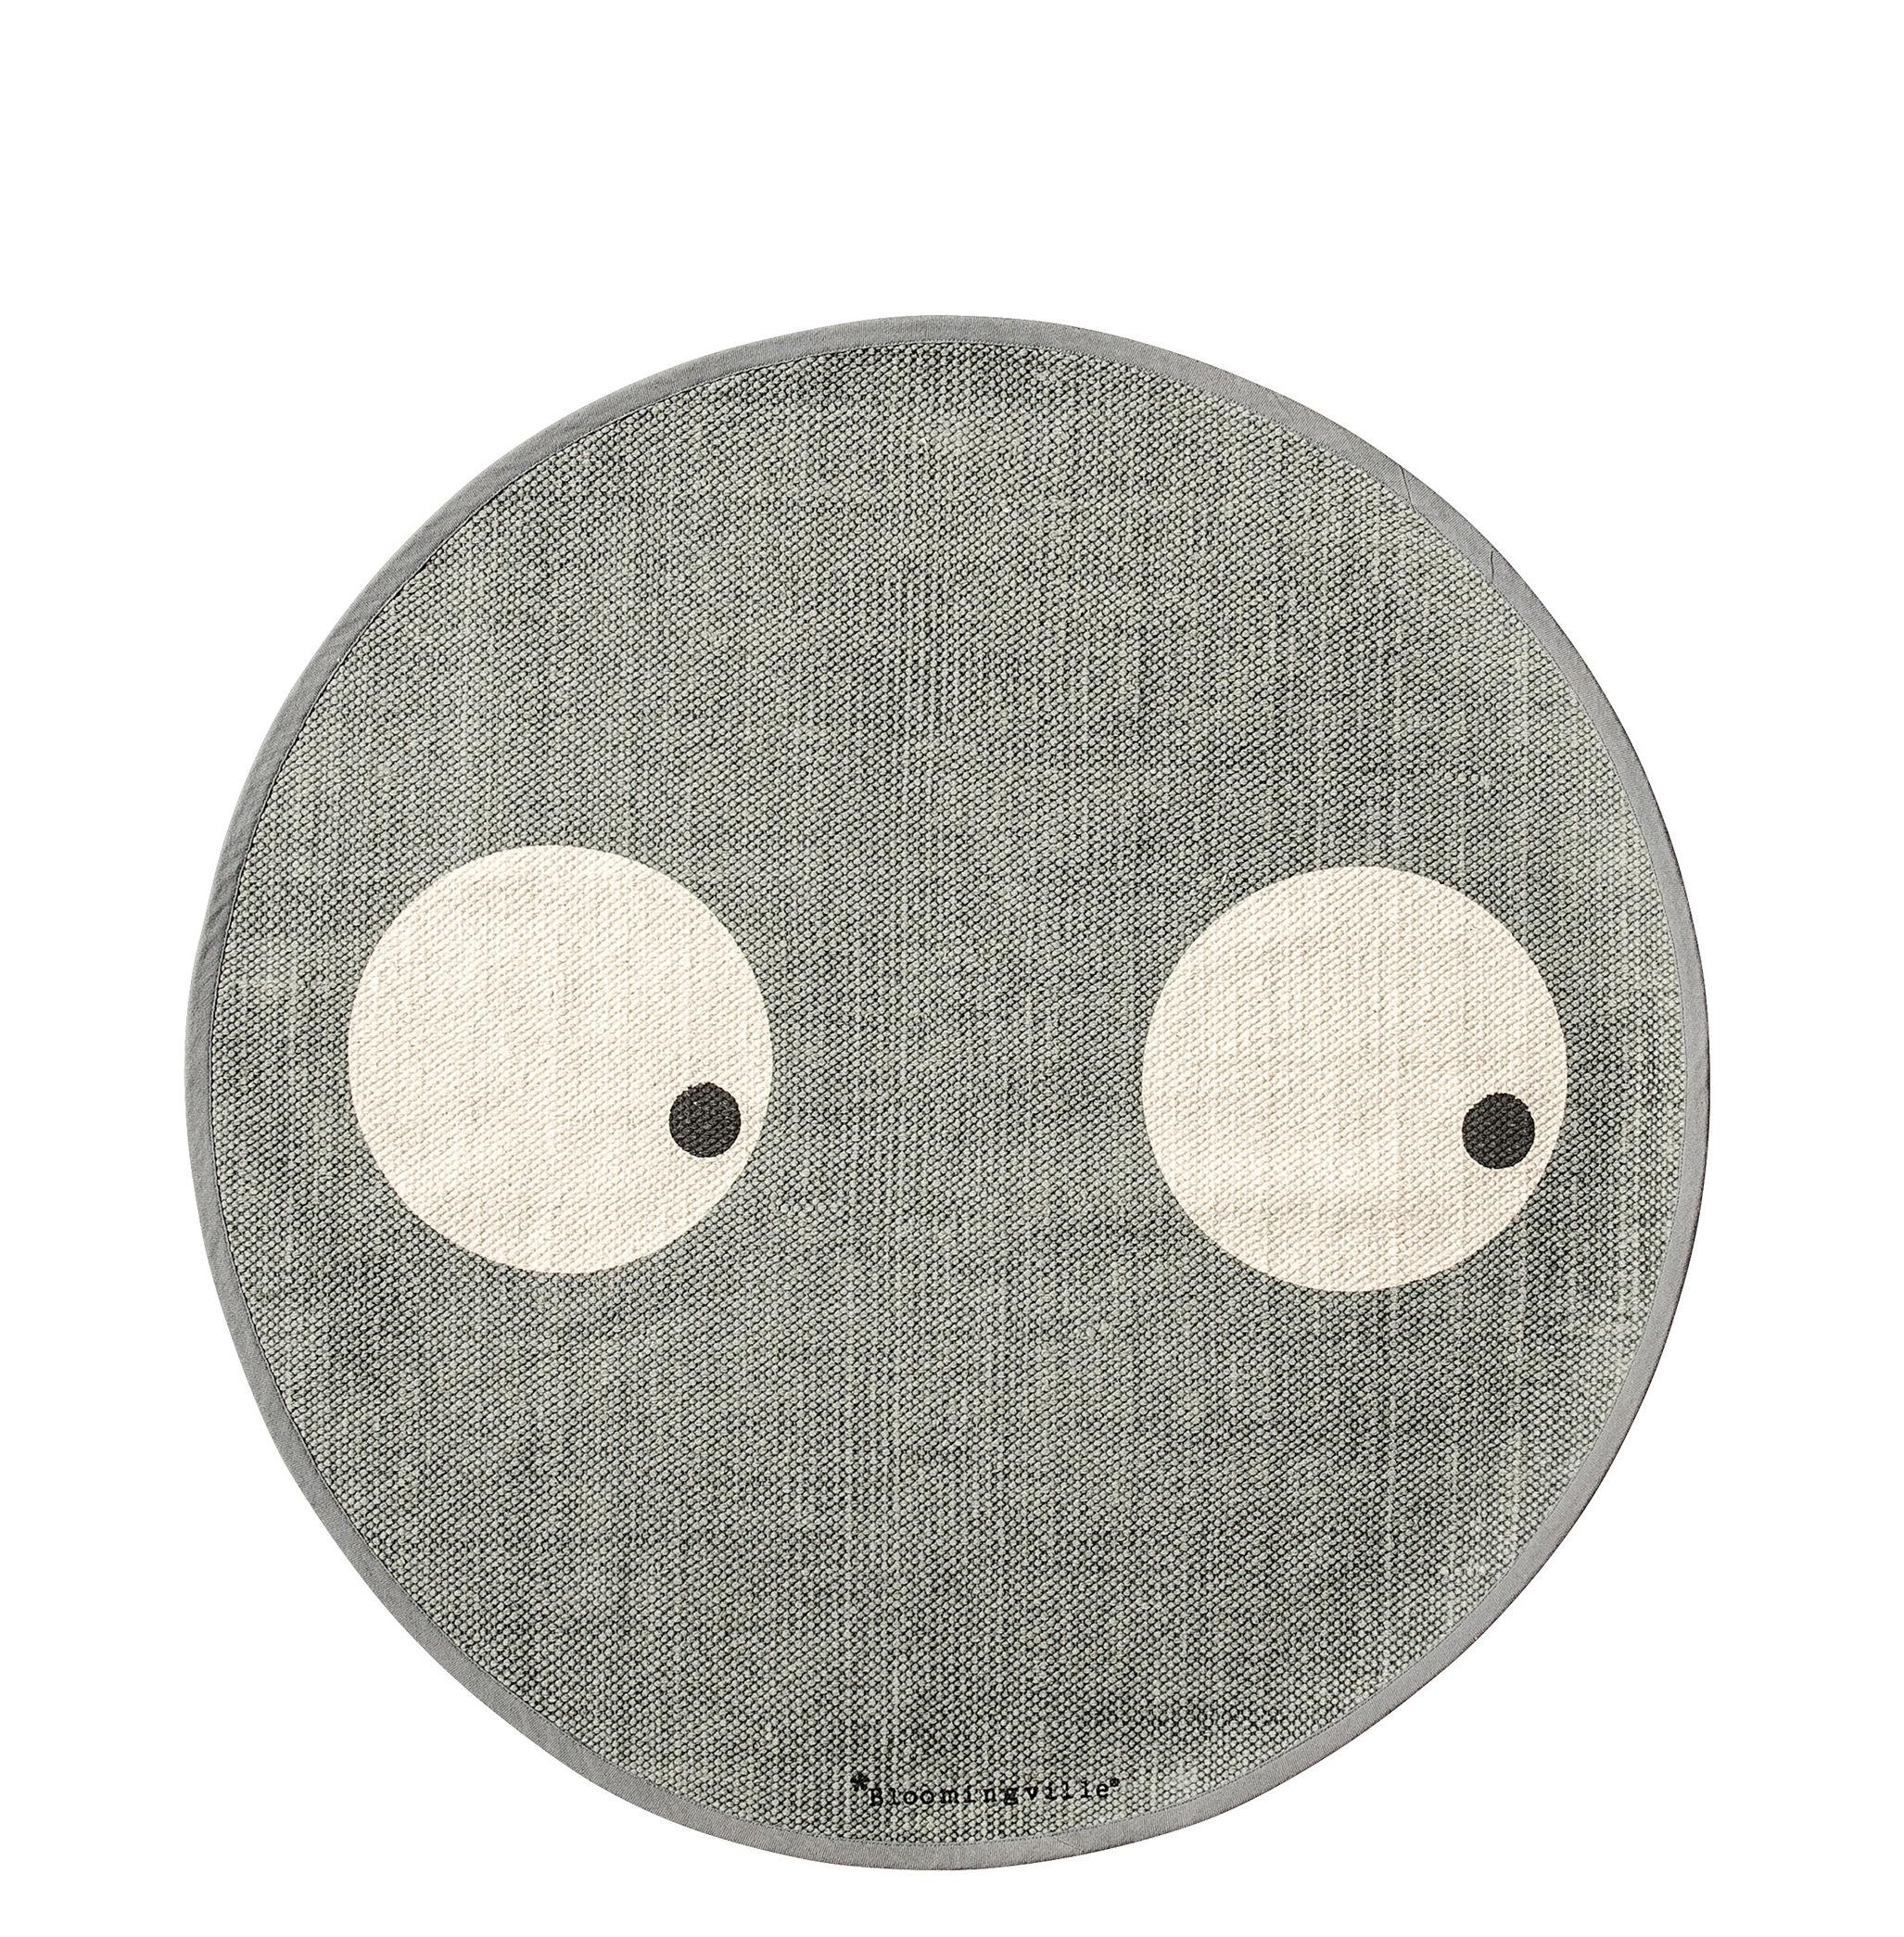 Déco - Pour les enfants - Tapis / Ø 80 cm - Coton - Bloomingville - Gris / Yeux - Coton